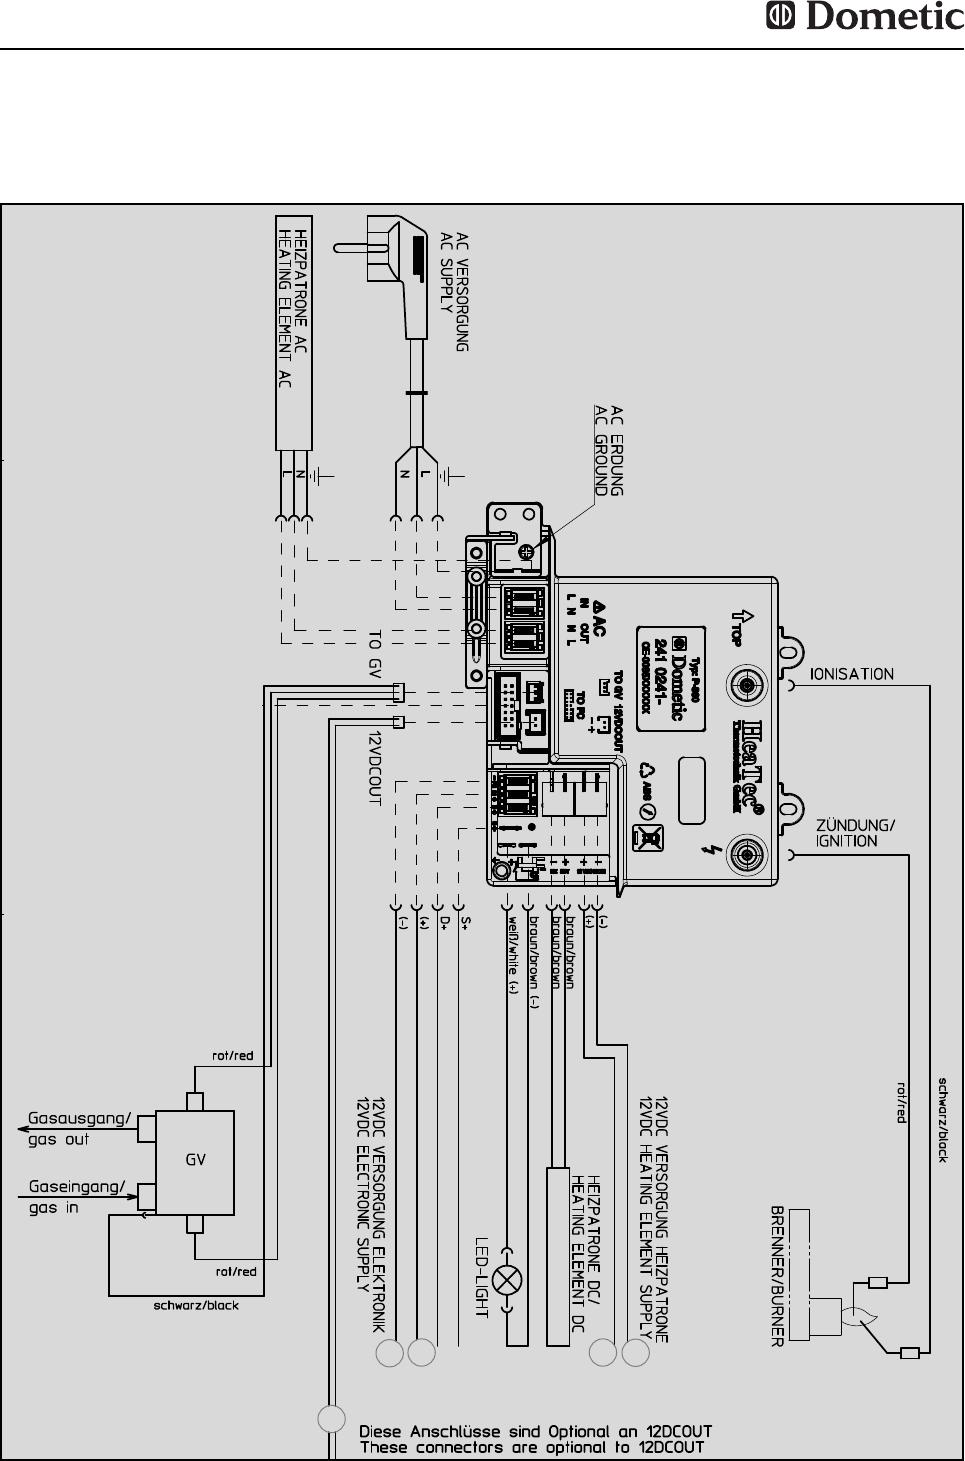 Bedienungsanleitung Dometic RMD 8555 (Seite 21 von 120) (Deutsch ...